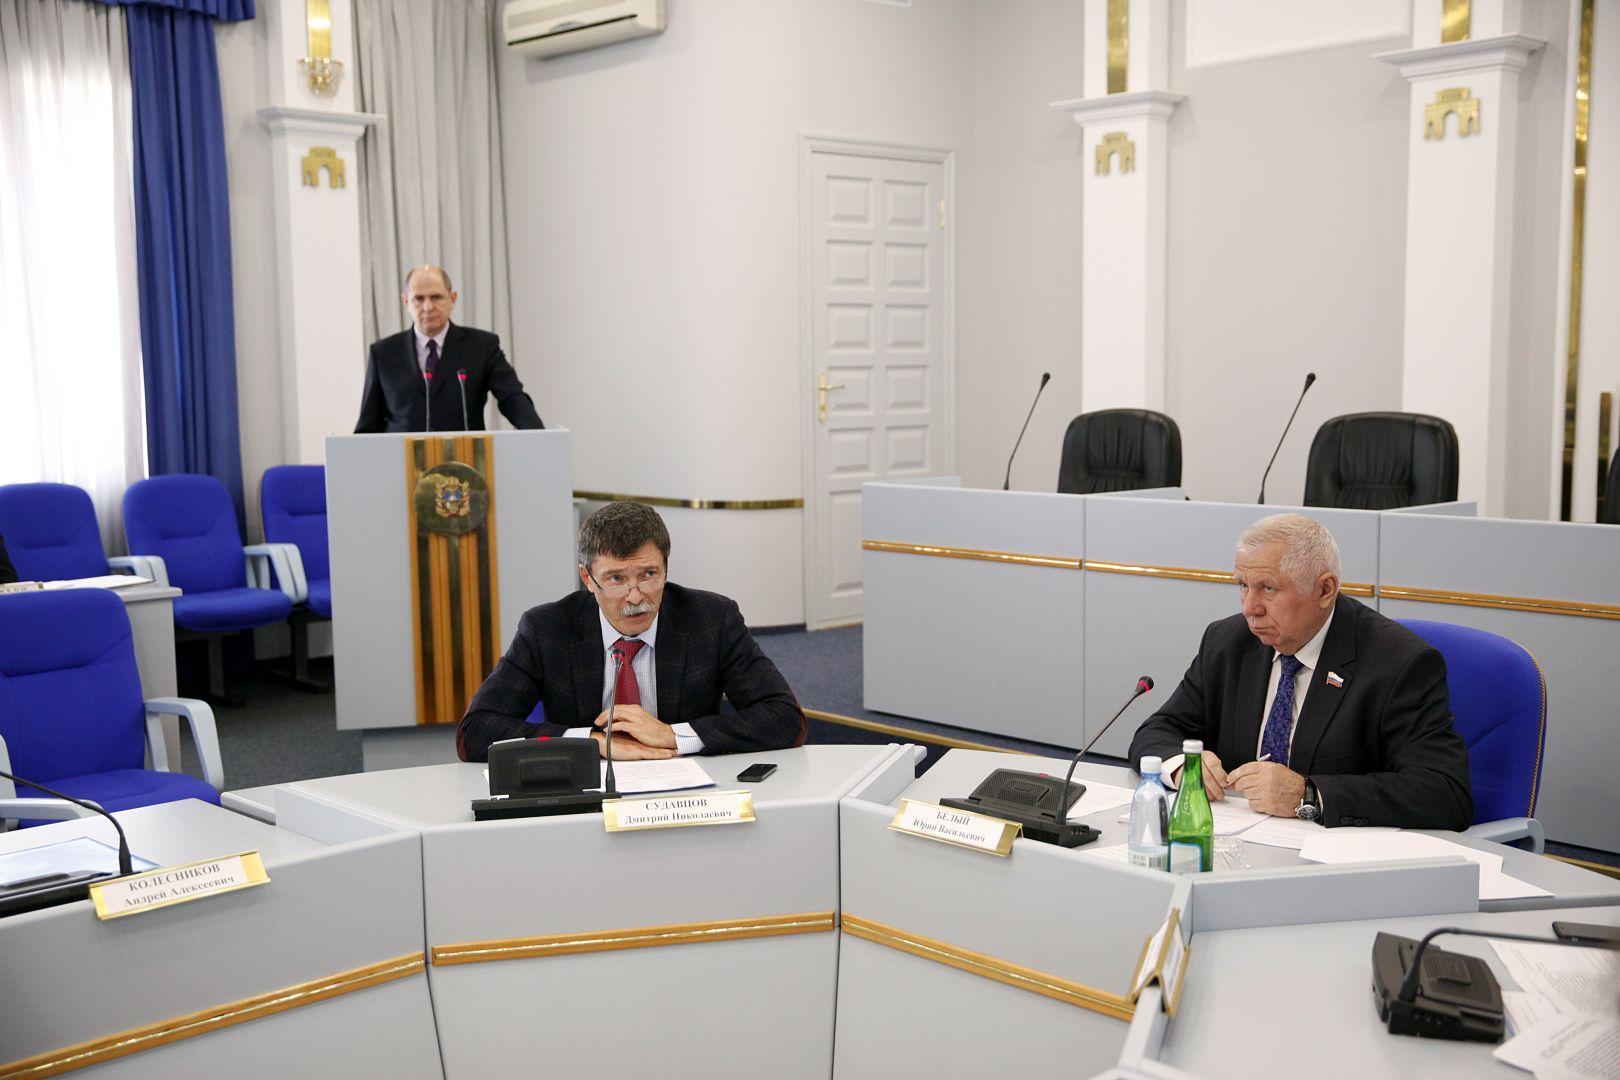 Контрольно-счётная палата Ставрополья помогла вернуть в бюджет более 3,5 миллиона рублей